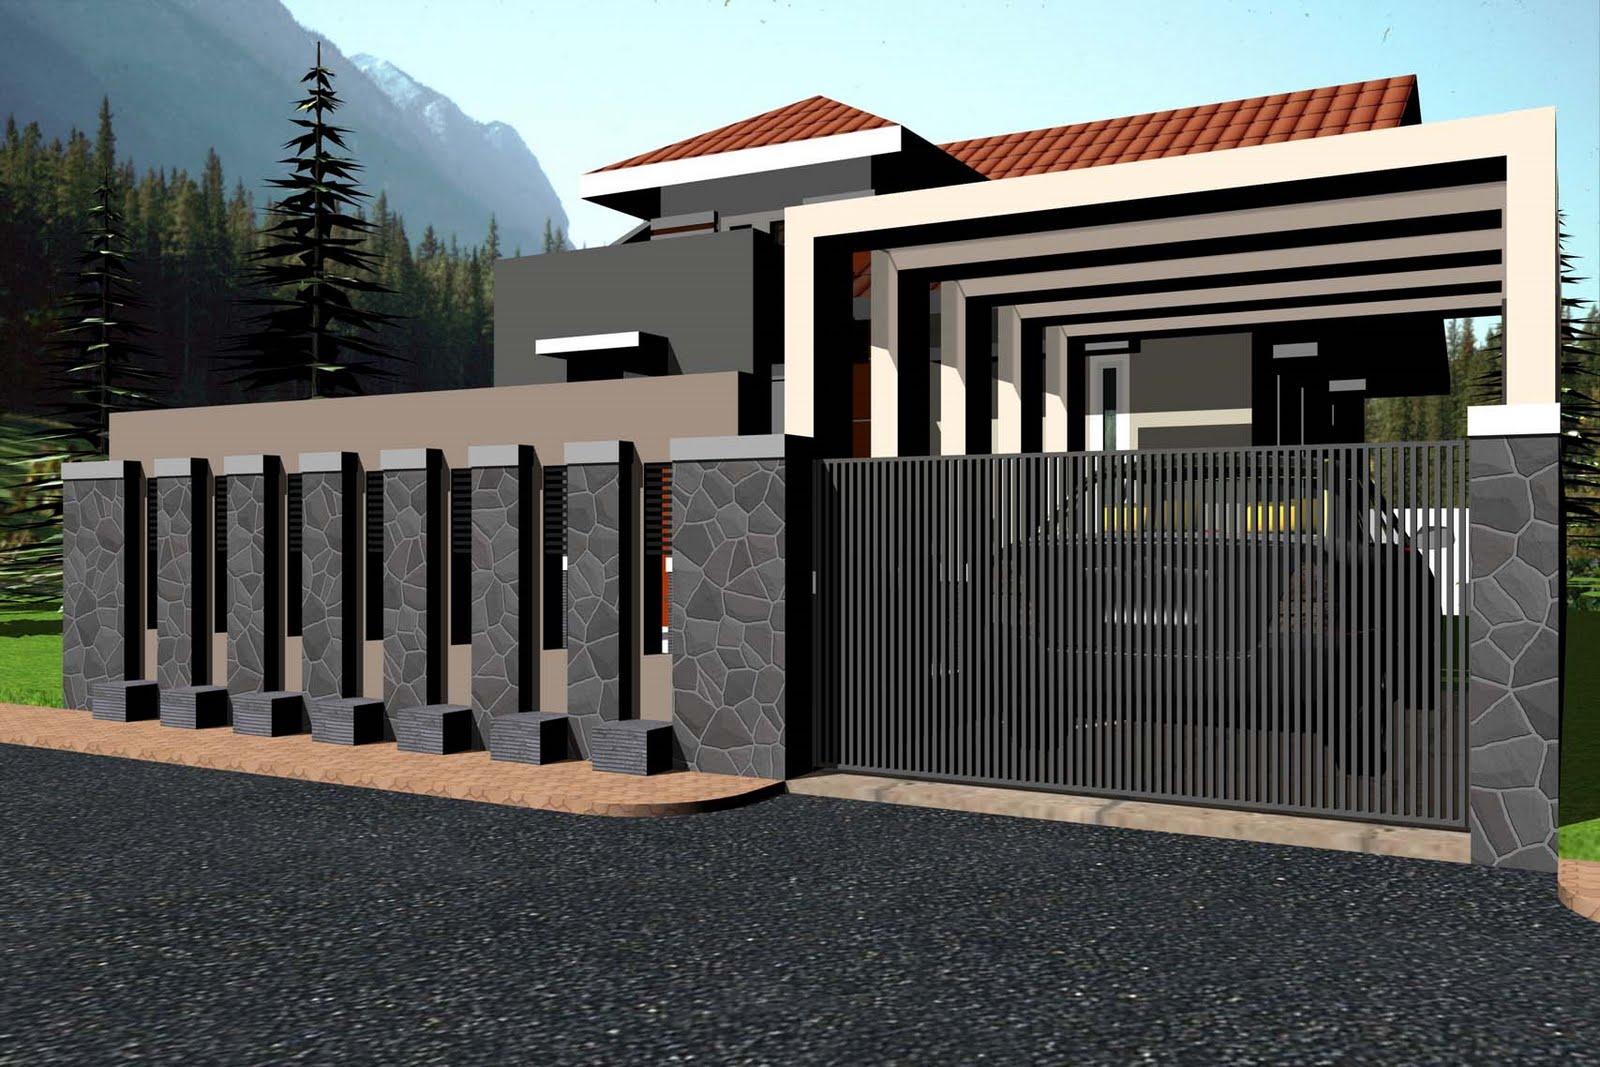 Superb Minimalist House Fence Designs